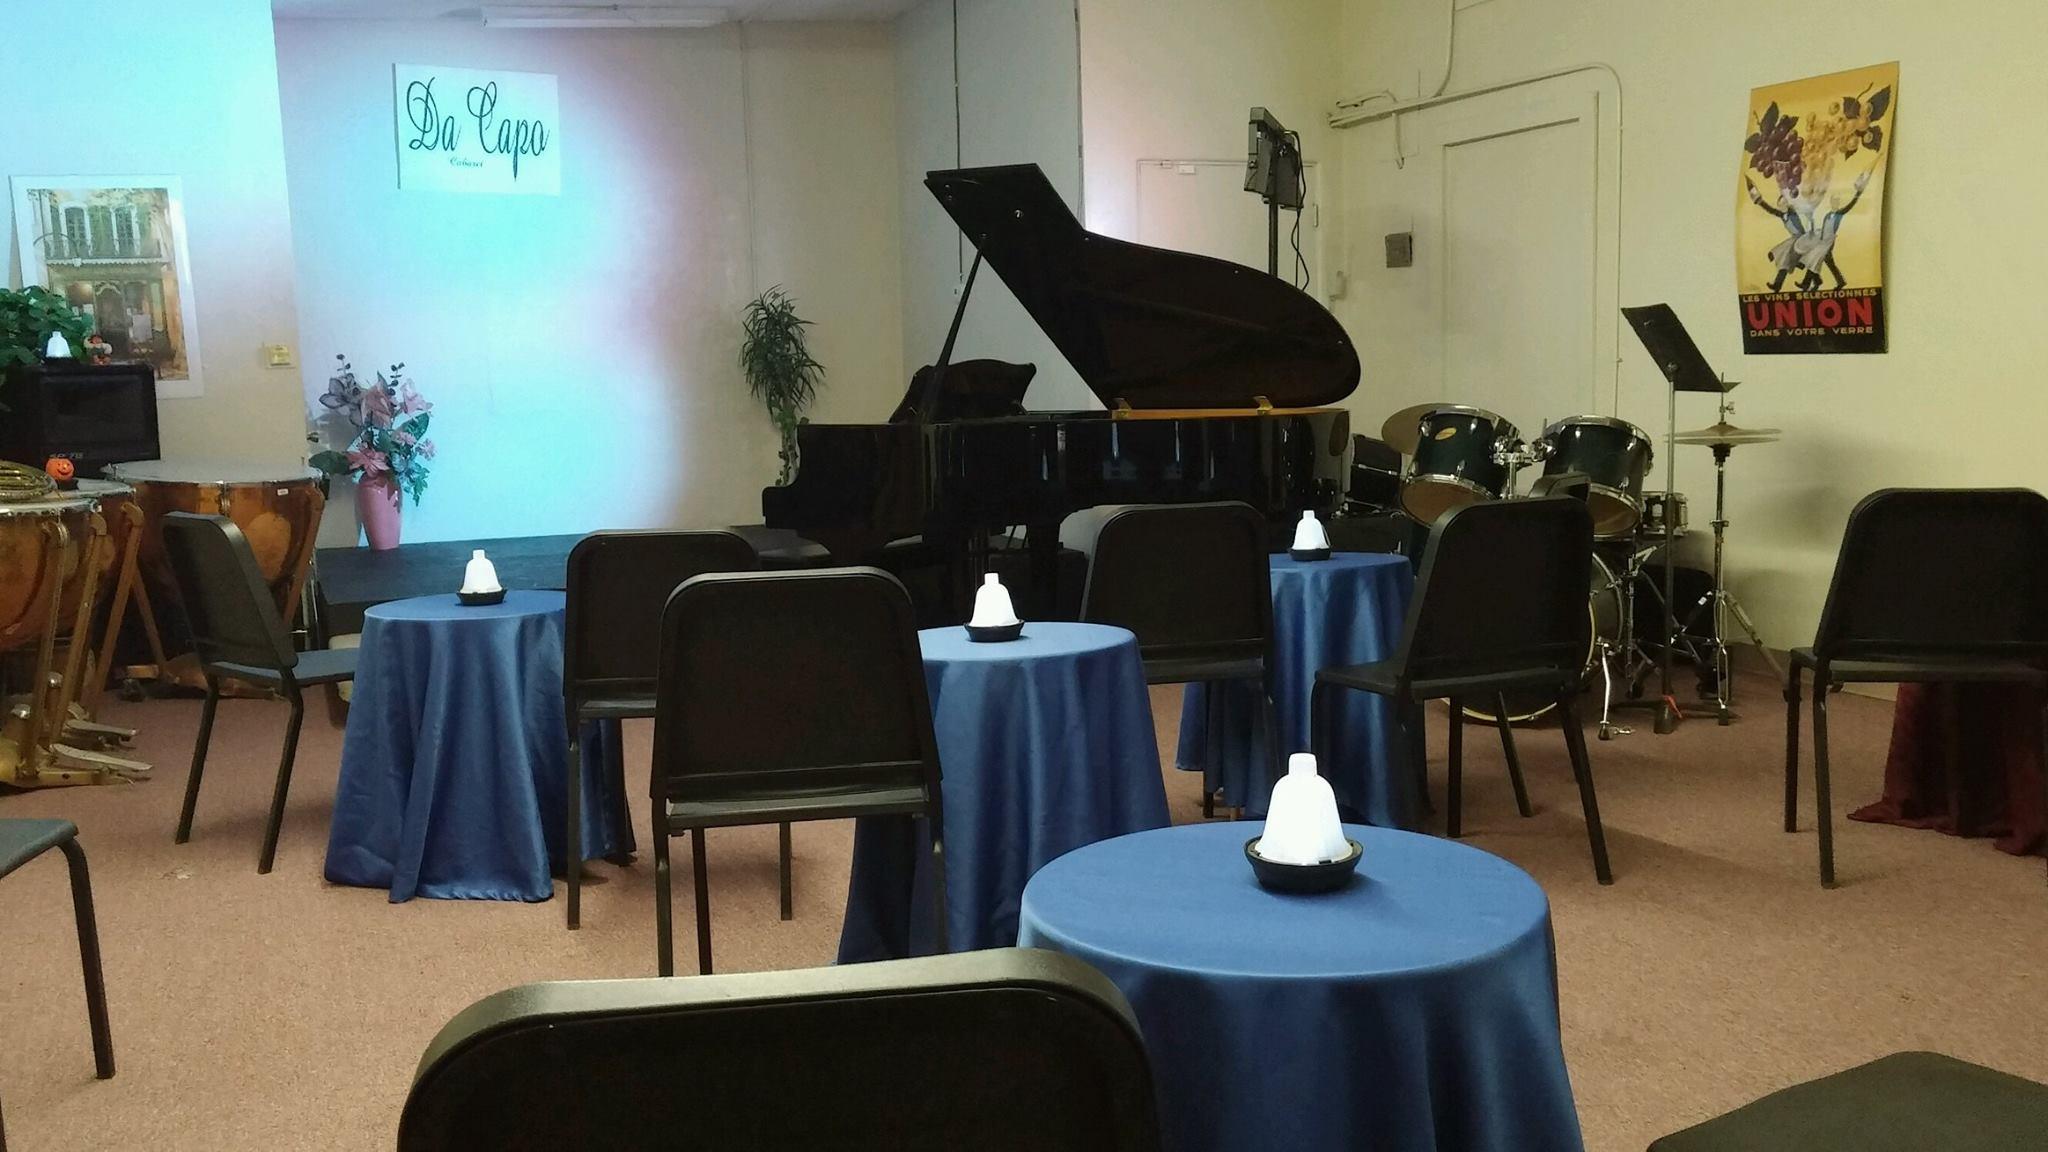 Recital Hall at Gottschalk Music Center